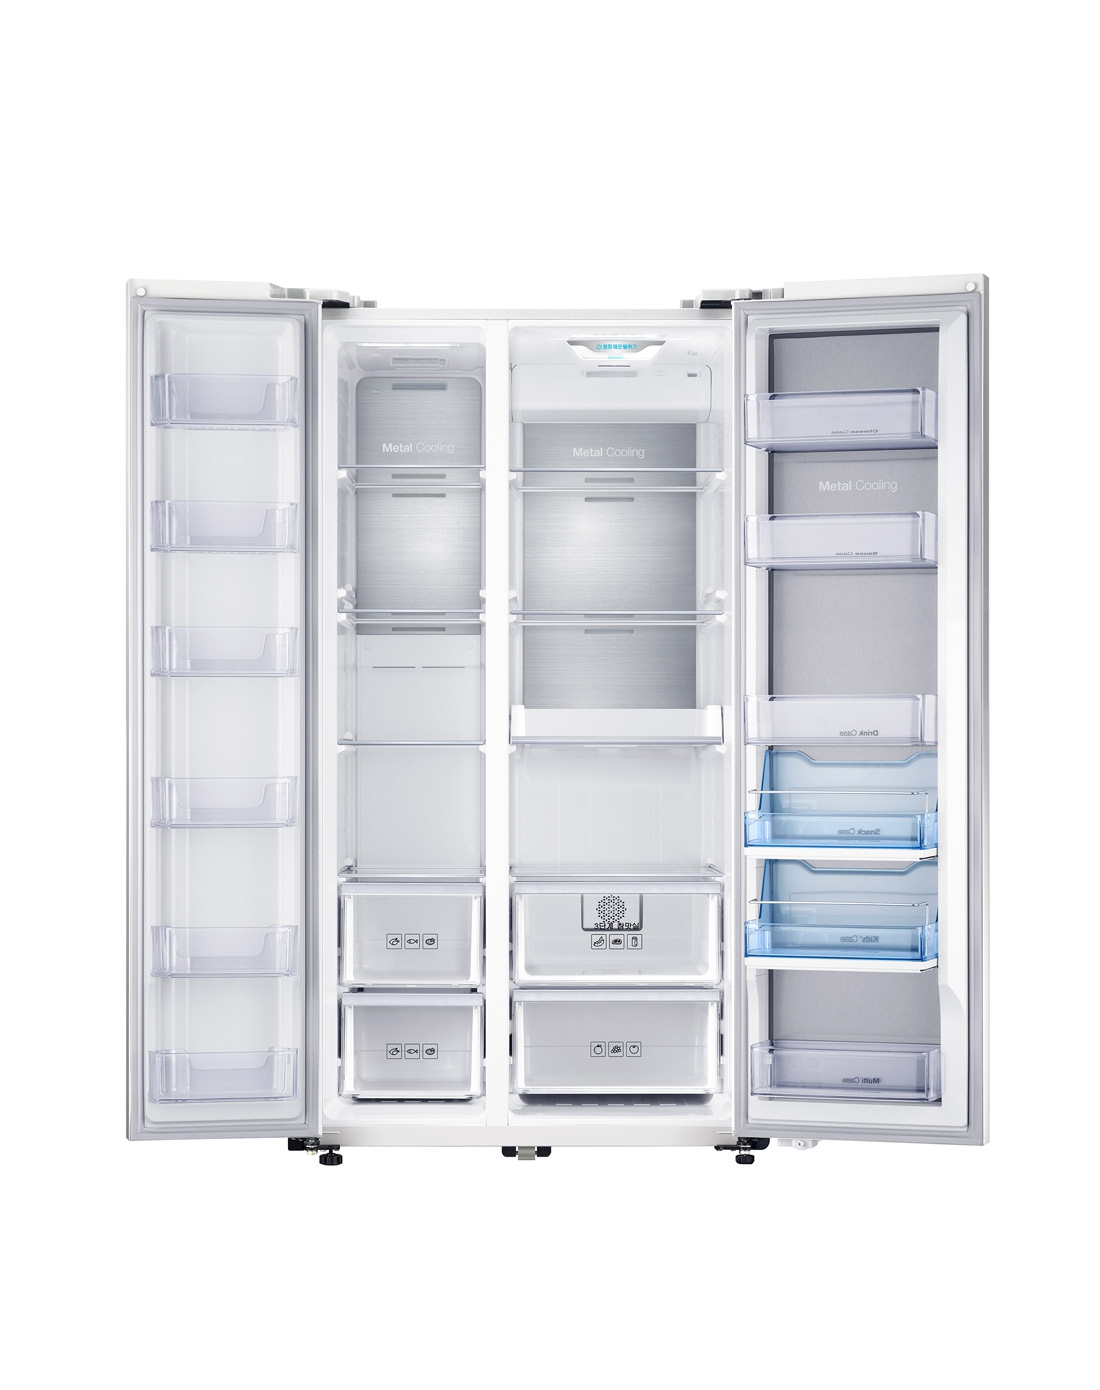 三星545l智能变频压缩机双开门冰箱(流光白)